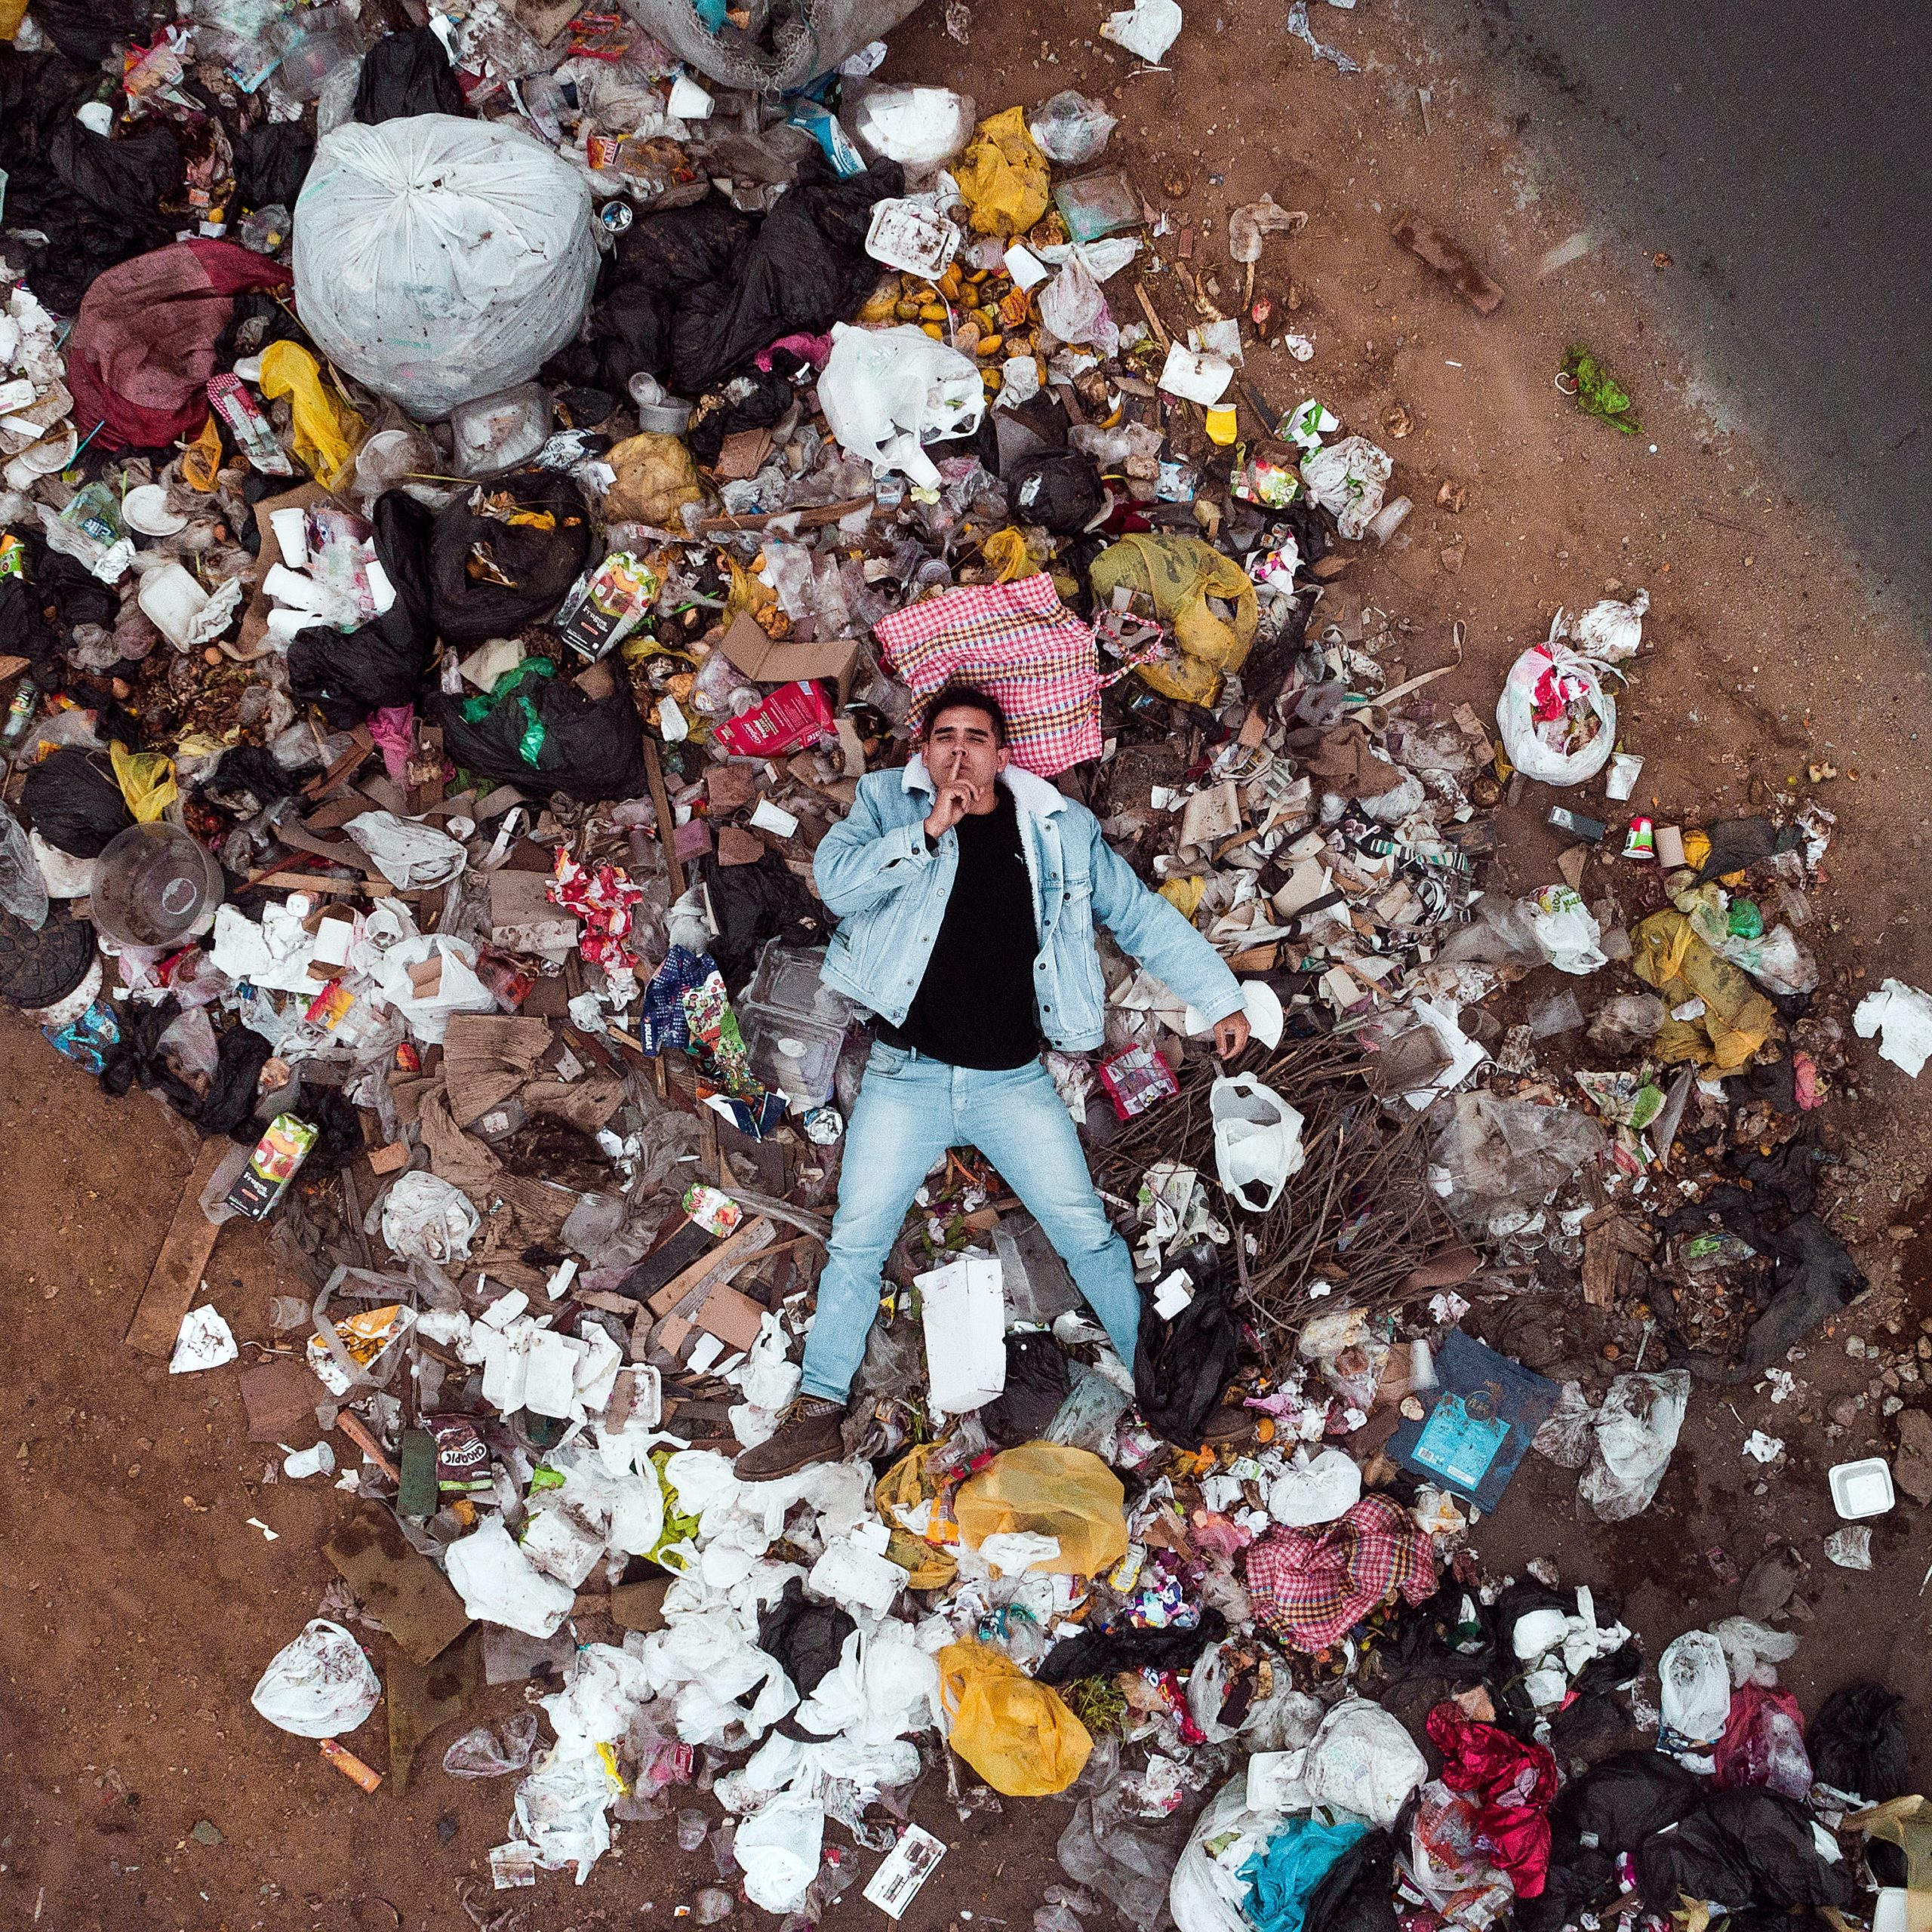 L'arte del riciclaggio interiore